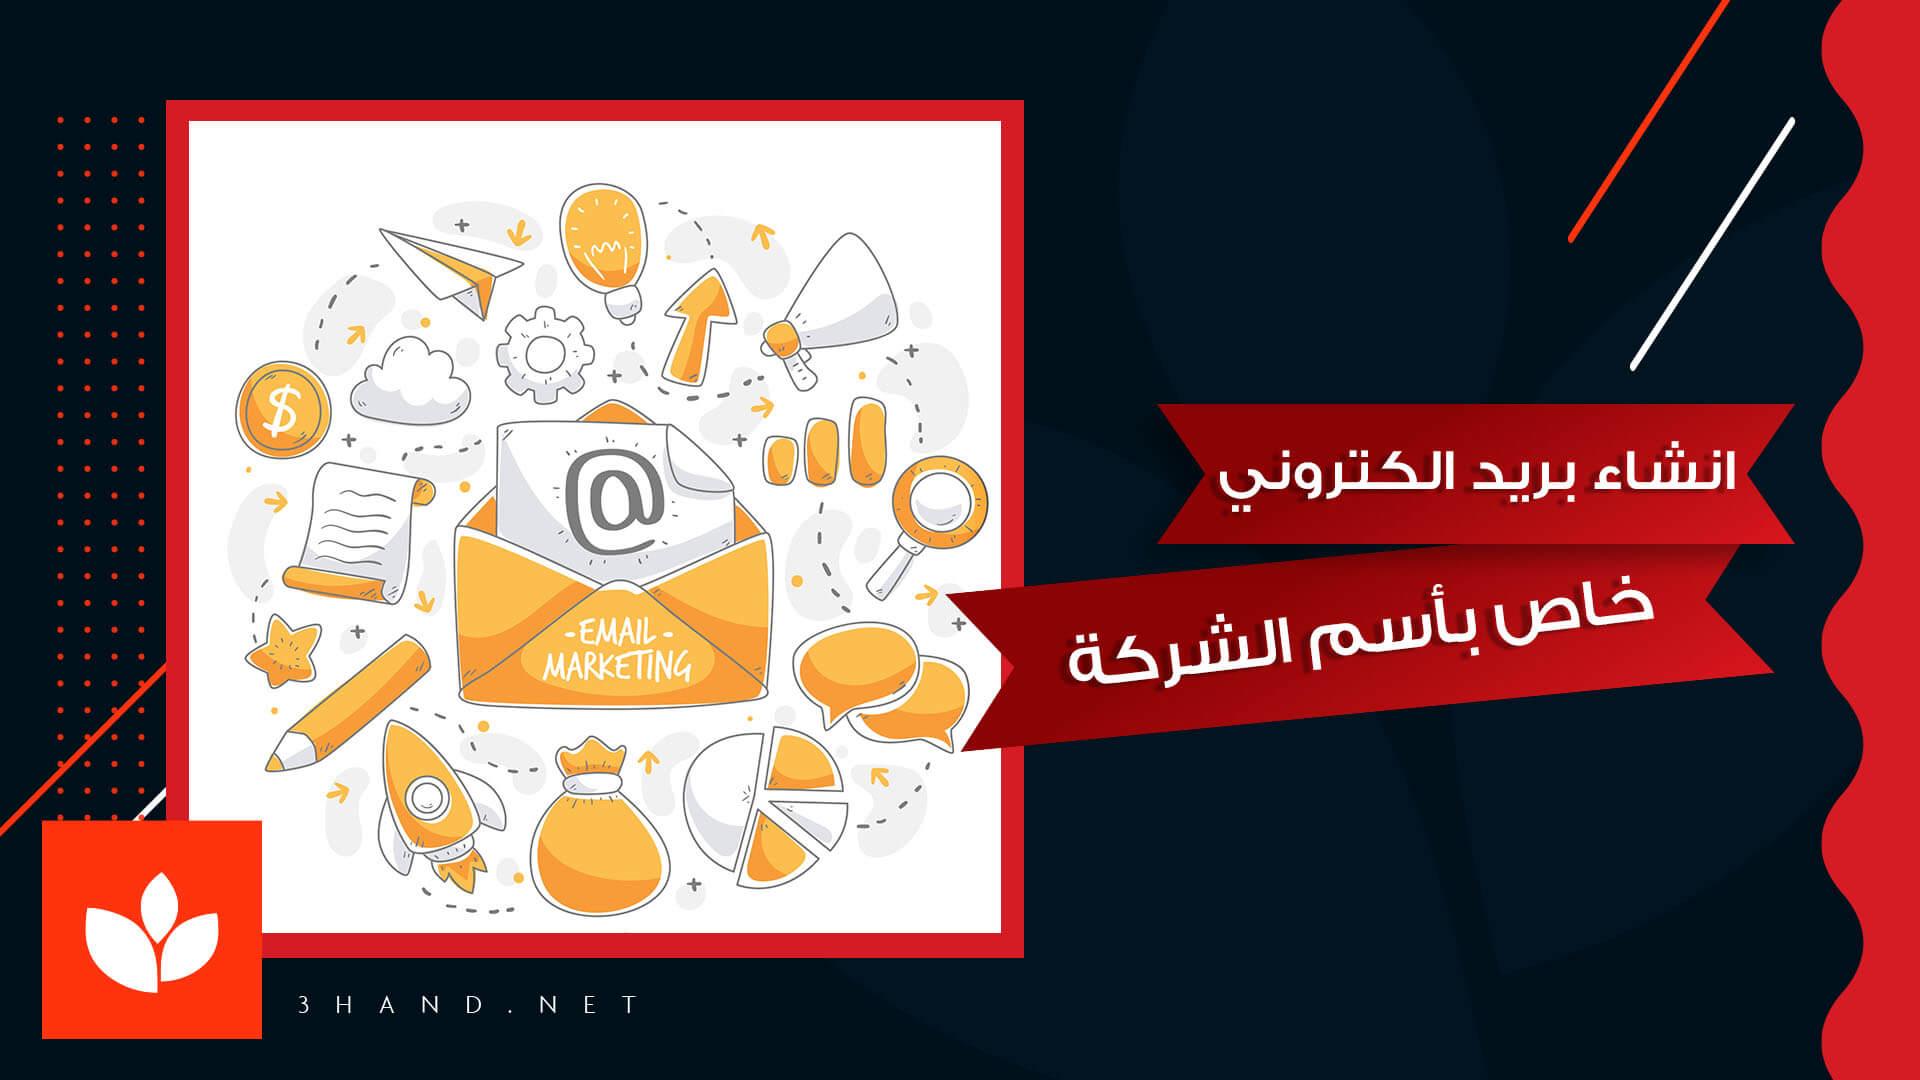 انشاء بريد الكتروني خاص باسم الشركة